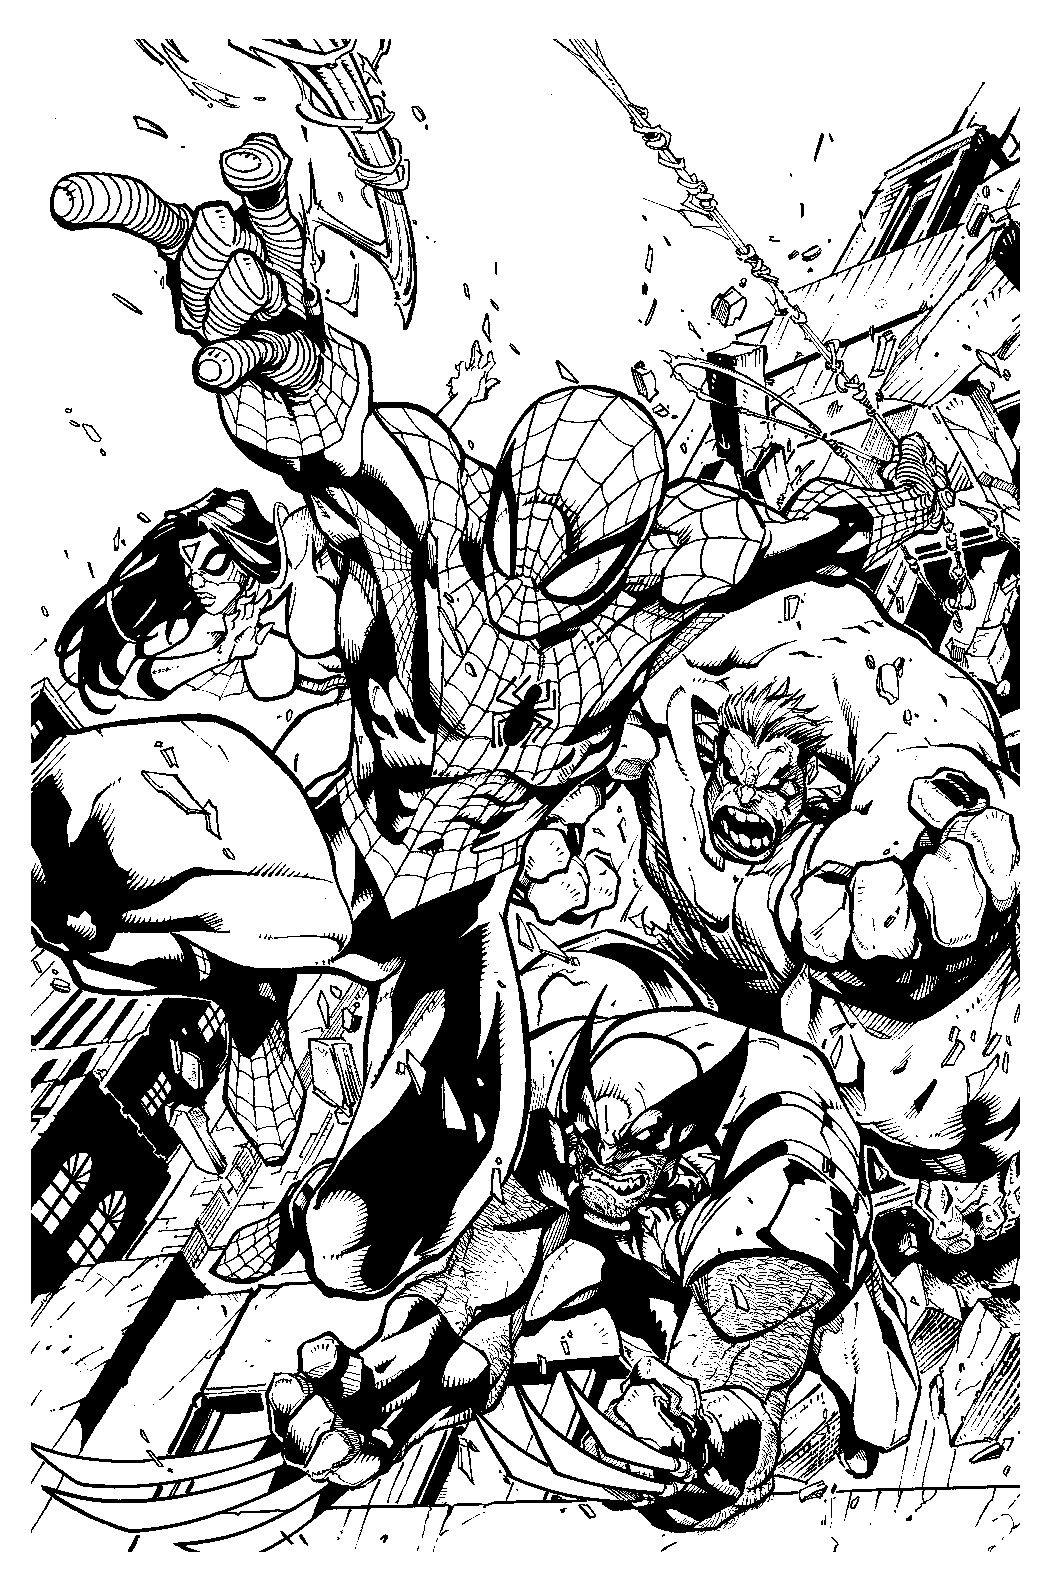 Spiderman Hulk Spider Woman And Wolverine Line Art Desenho Historia Em Quadrinhos Desenhos Da Marvel Joe Madureira